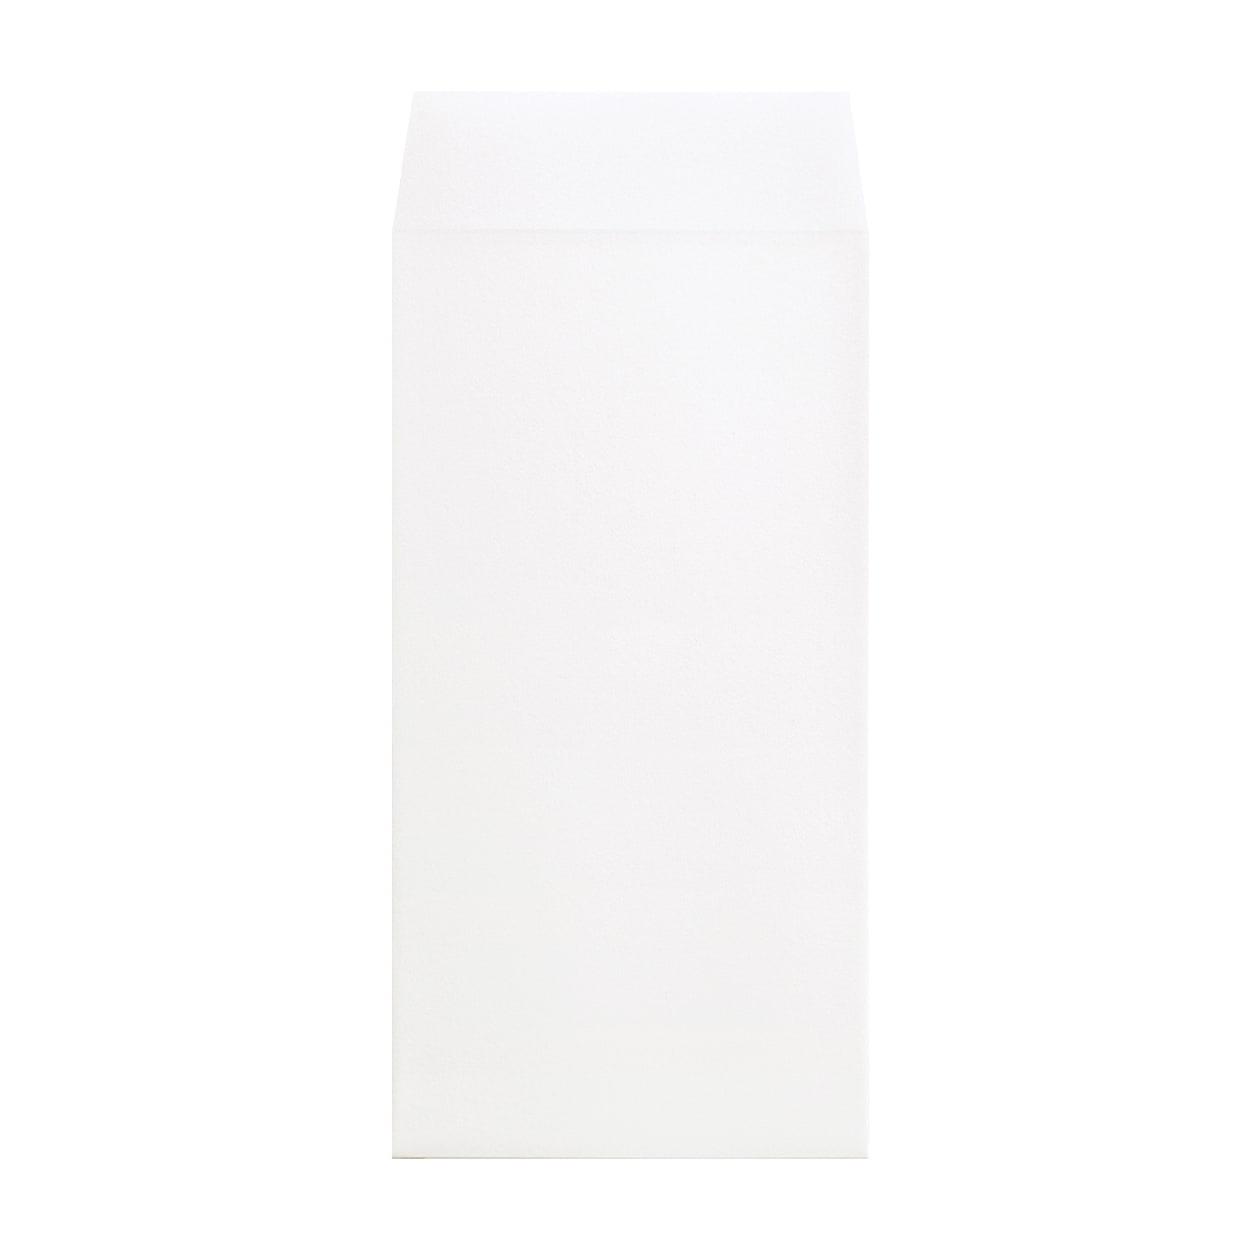 洋6タテ封筒 コットン スノーホワイト 116.3g